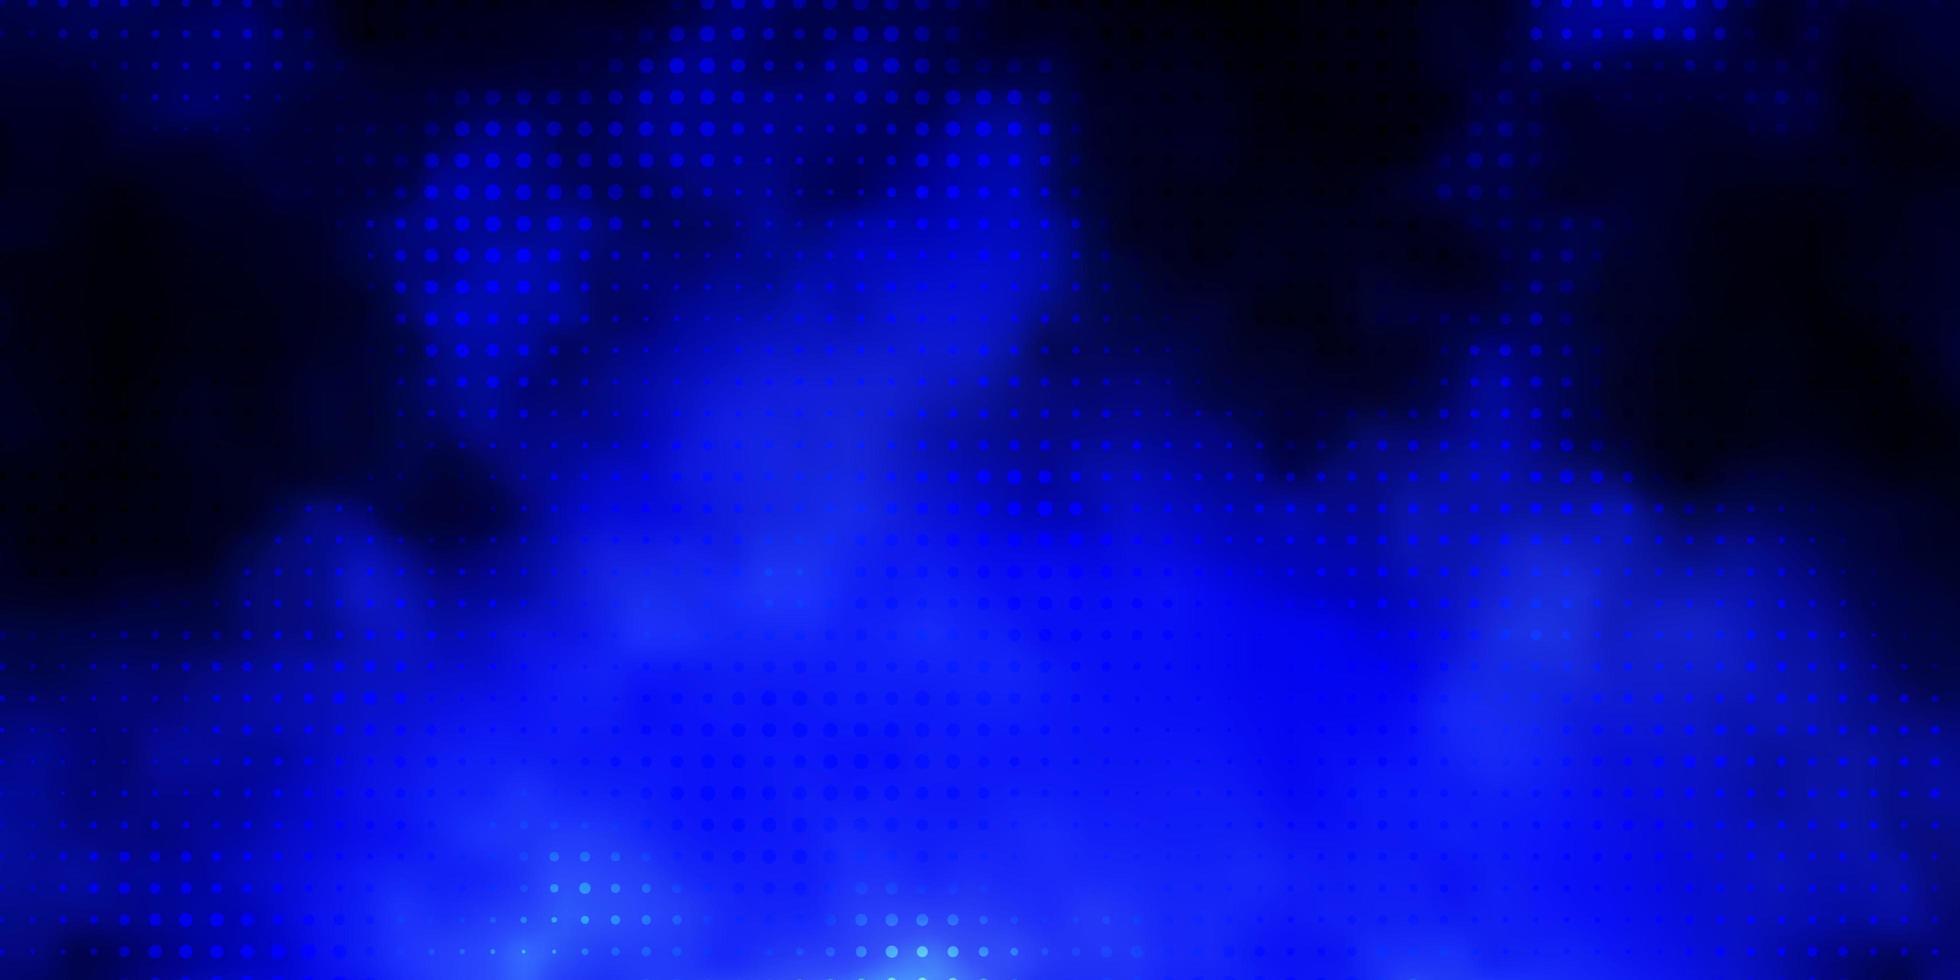 diseño de vector azul oscuro con formas circulares